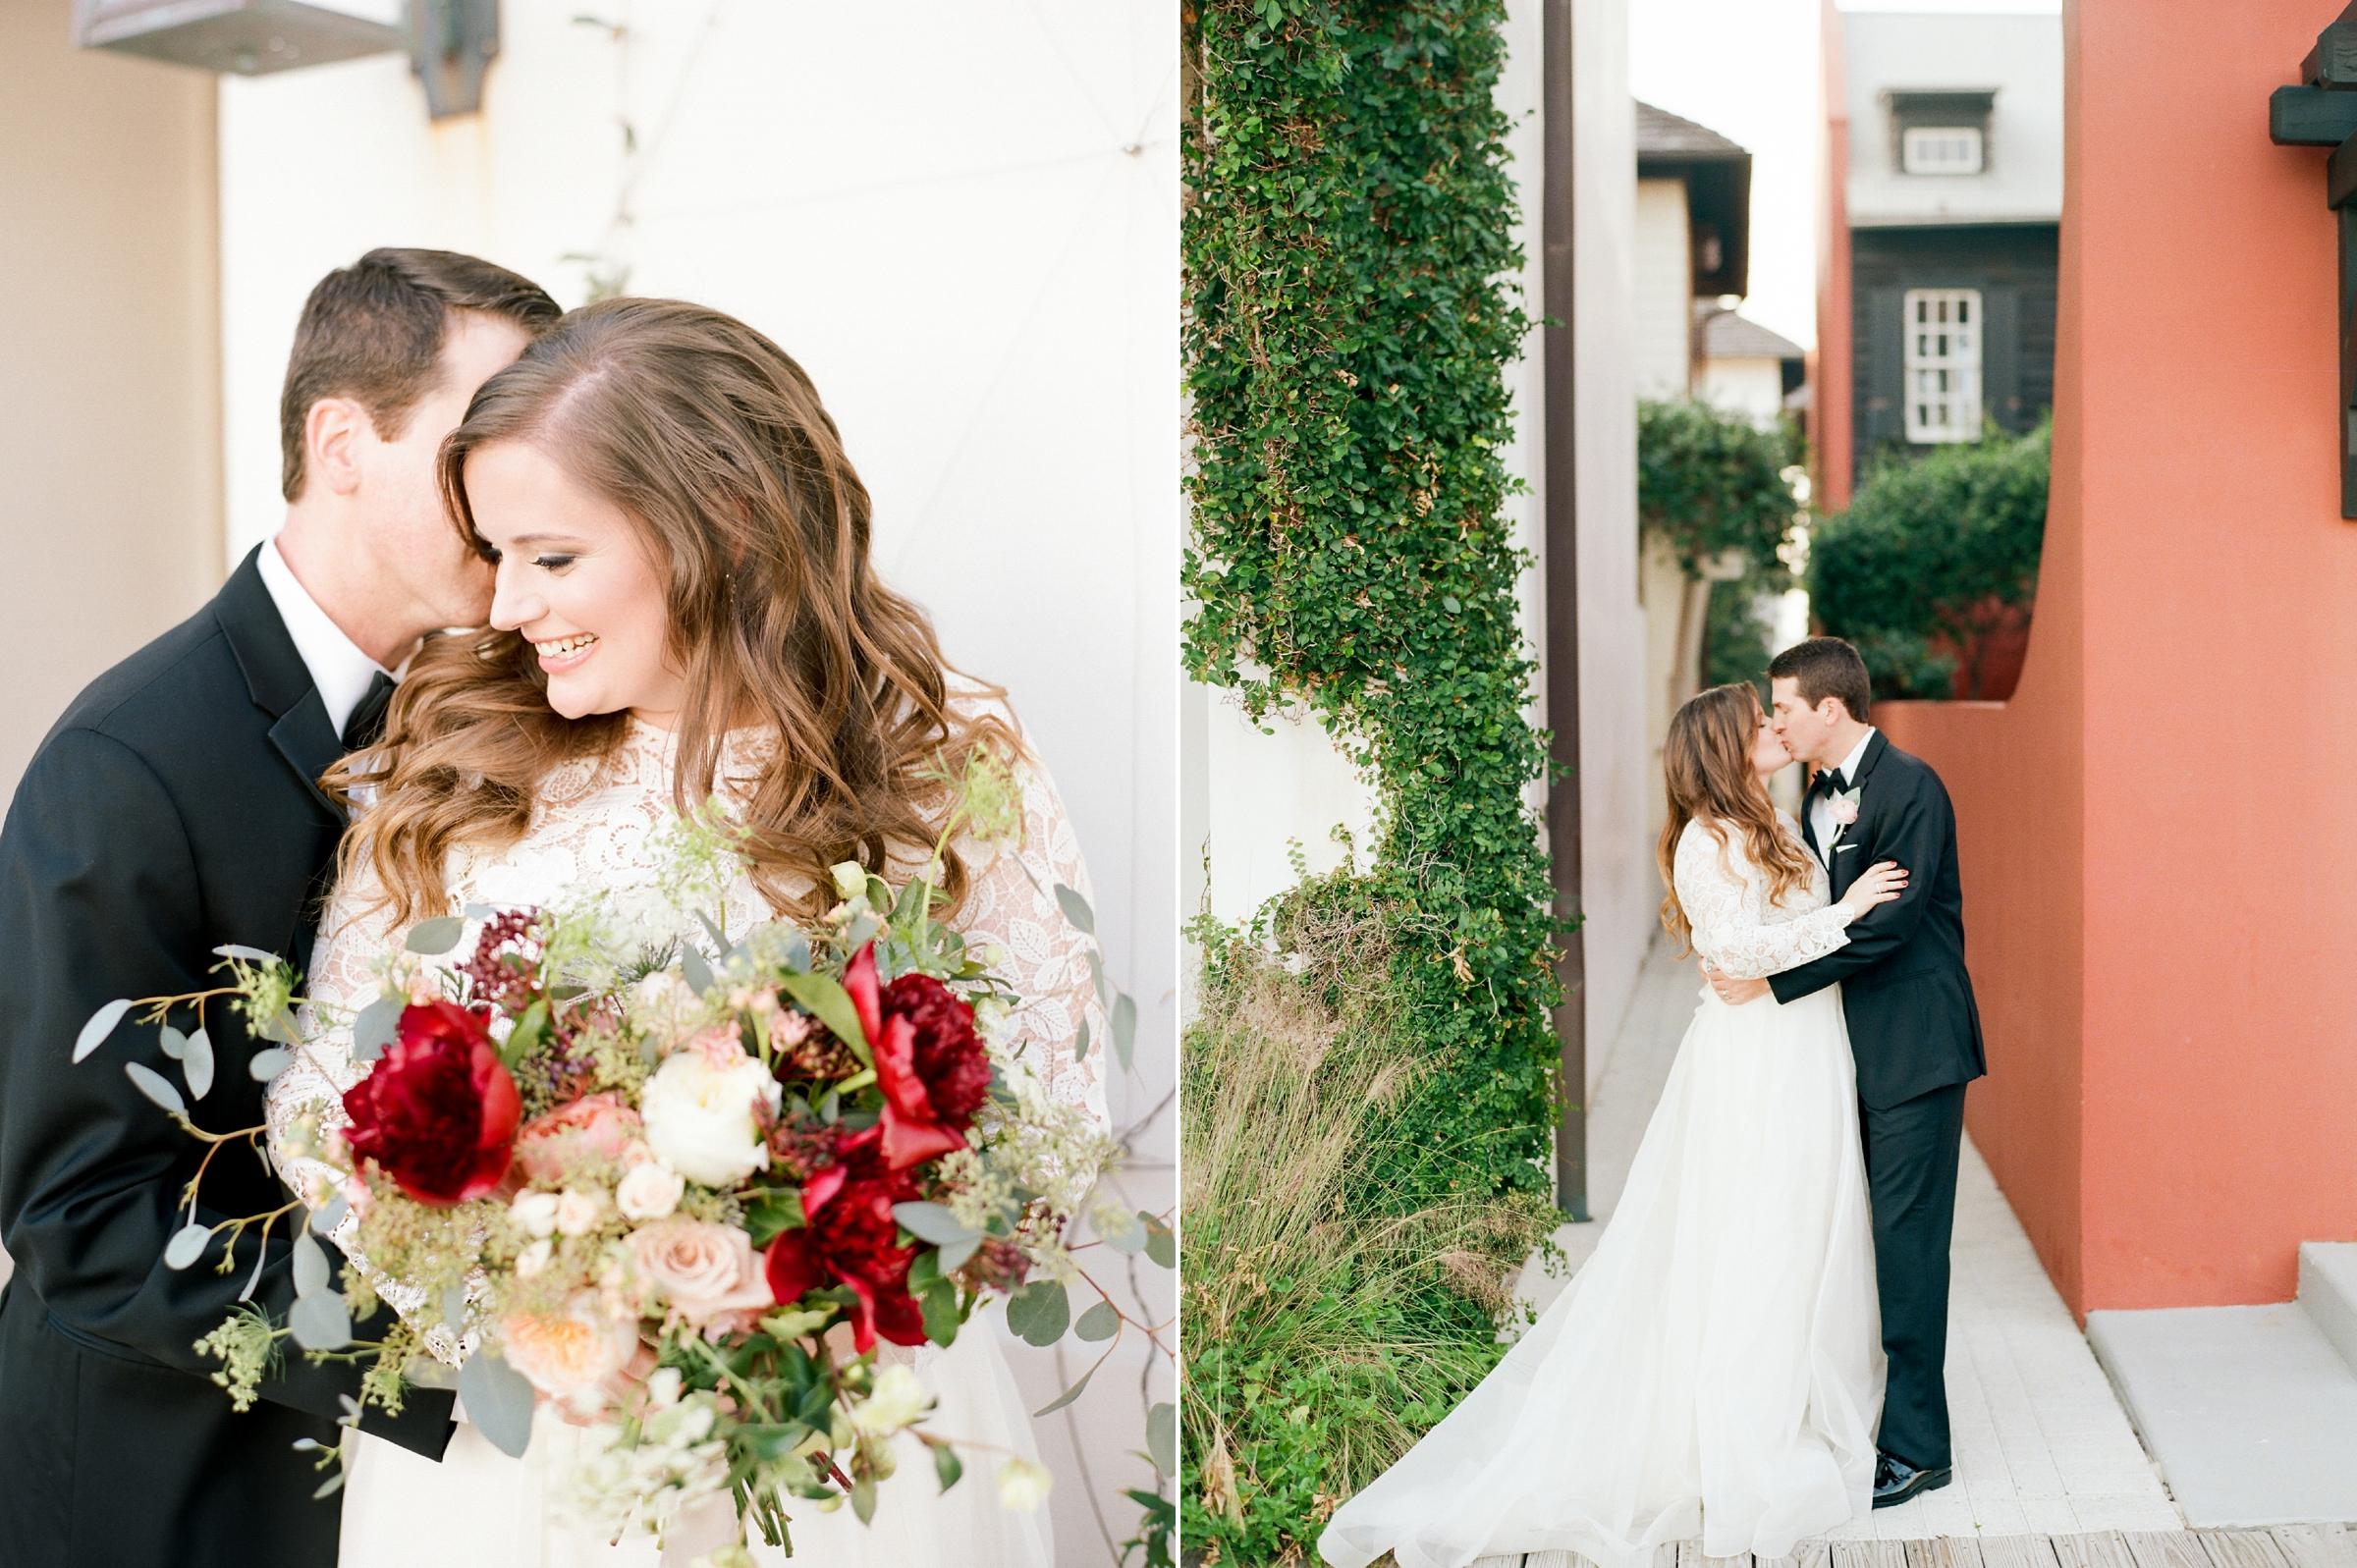 rosemary_beach_wedding_photographer_shannon_griffin_0023.jpg